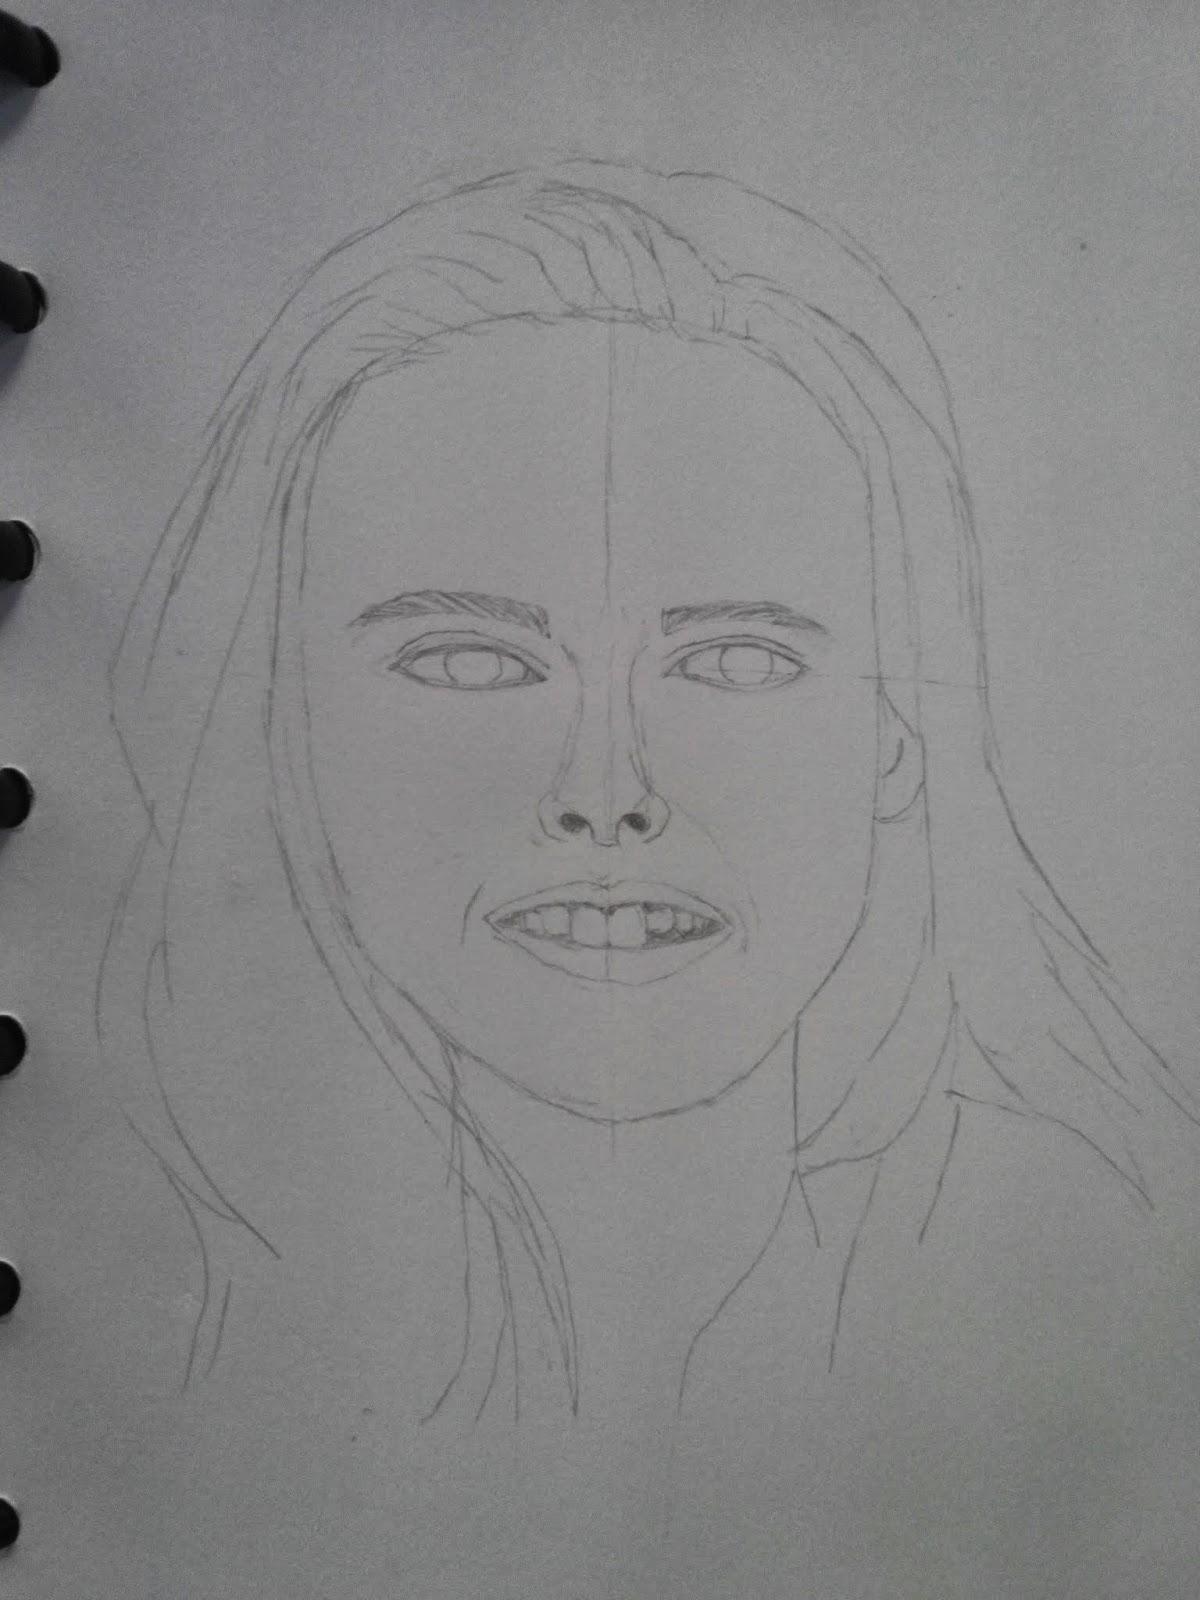 Kemudian saya mulai menggambar dari bagian bawah wajah bibir hidung mata alis rambut gambar dibawah ini adalah sketsa kasarnya